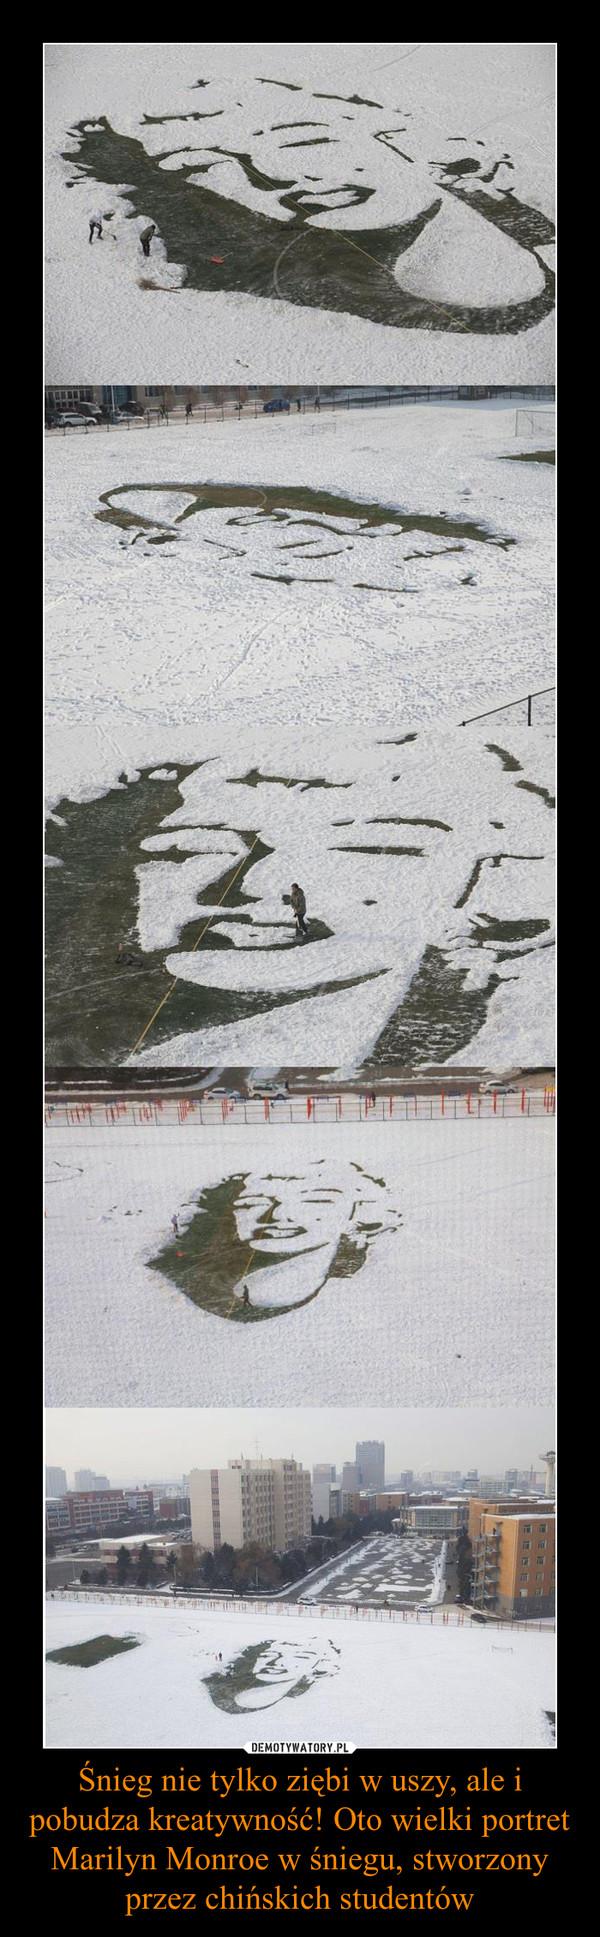 Śnieg nie tylko ziębi w uszy, ale i pobudza kreatywność! Oto wielki portret Marilyn Monroe w śniegu, stworzony przez chińskich studentów –